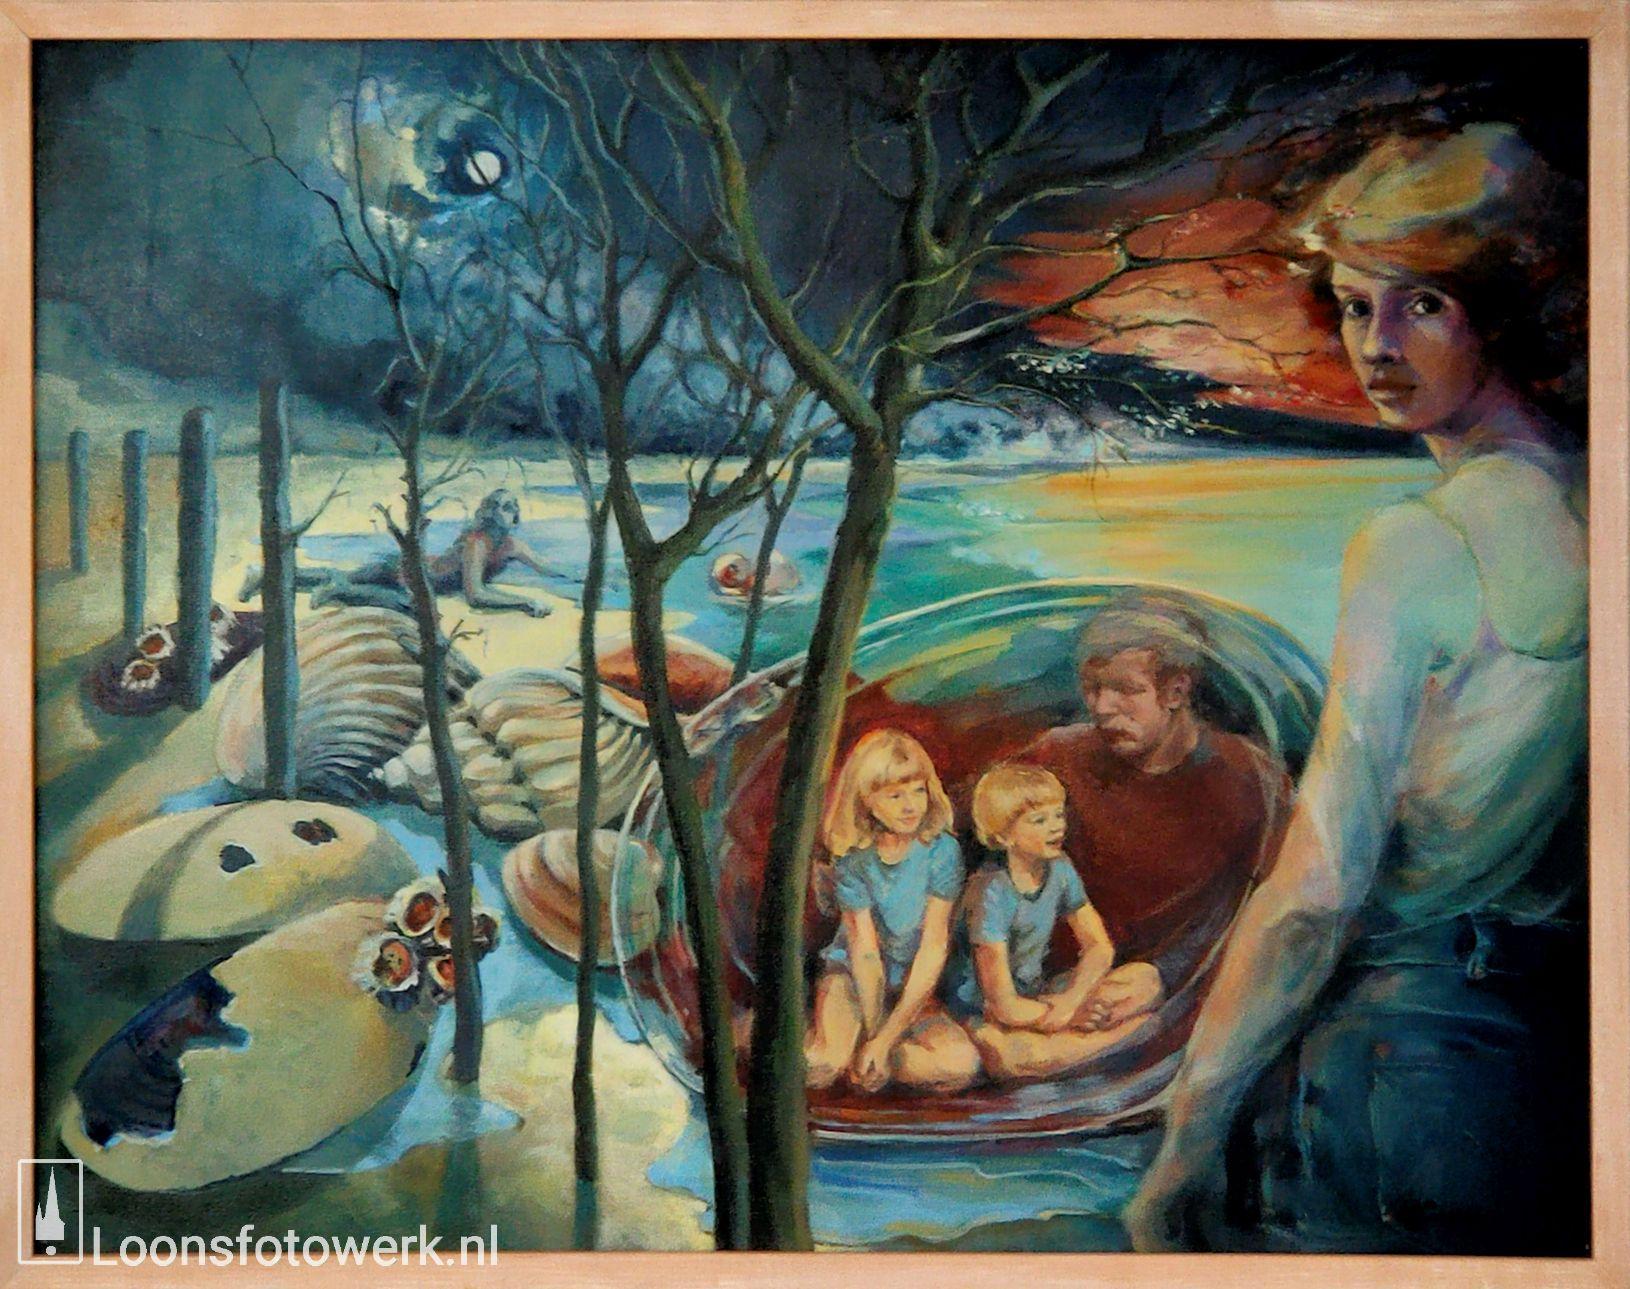 Els Smulders - Waijers, kunstenares in hart en nieren 19